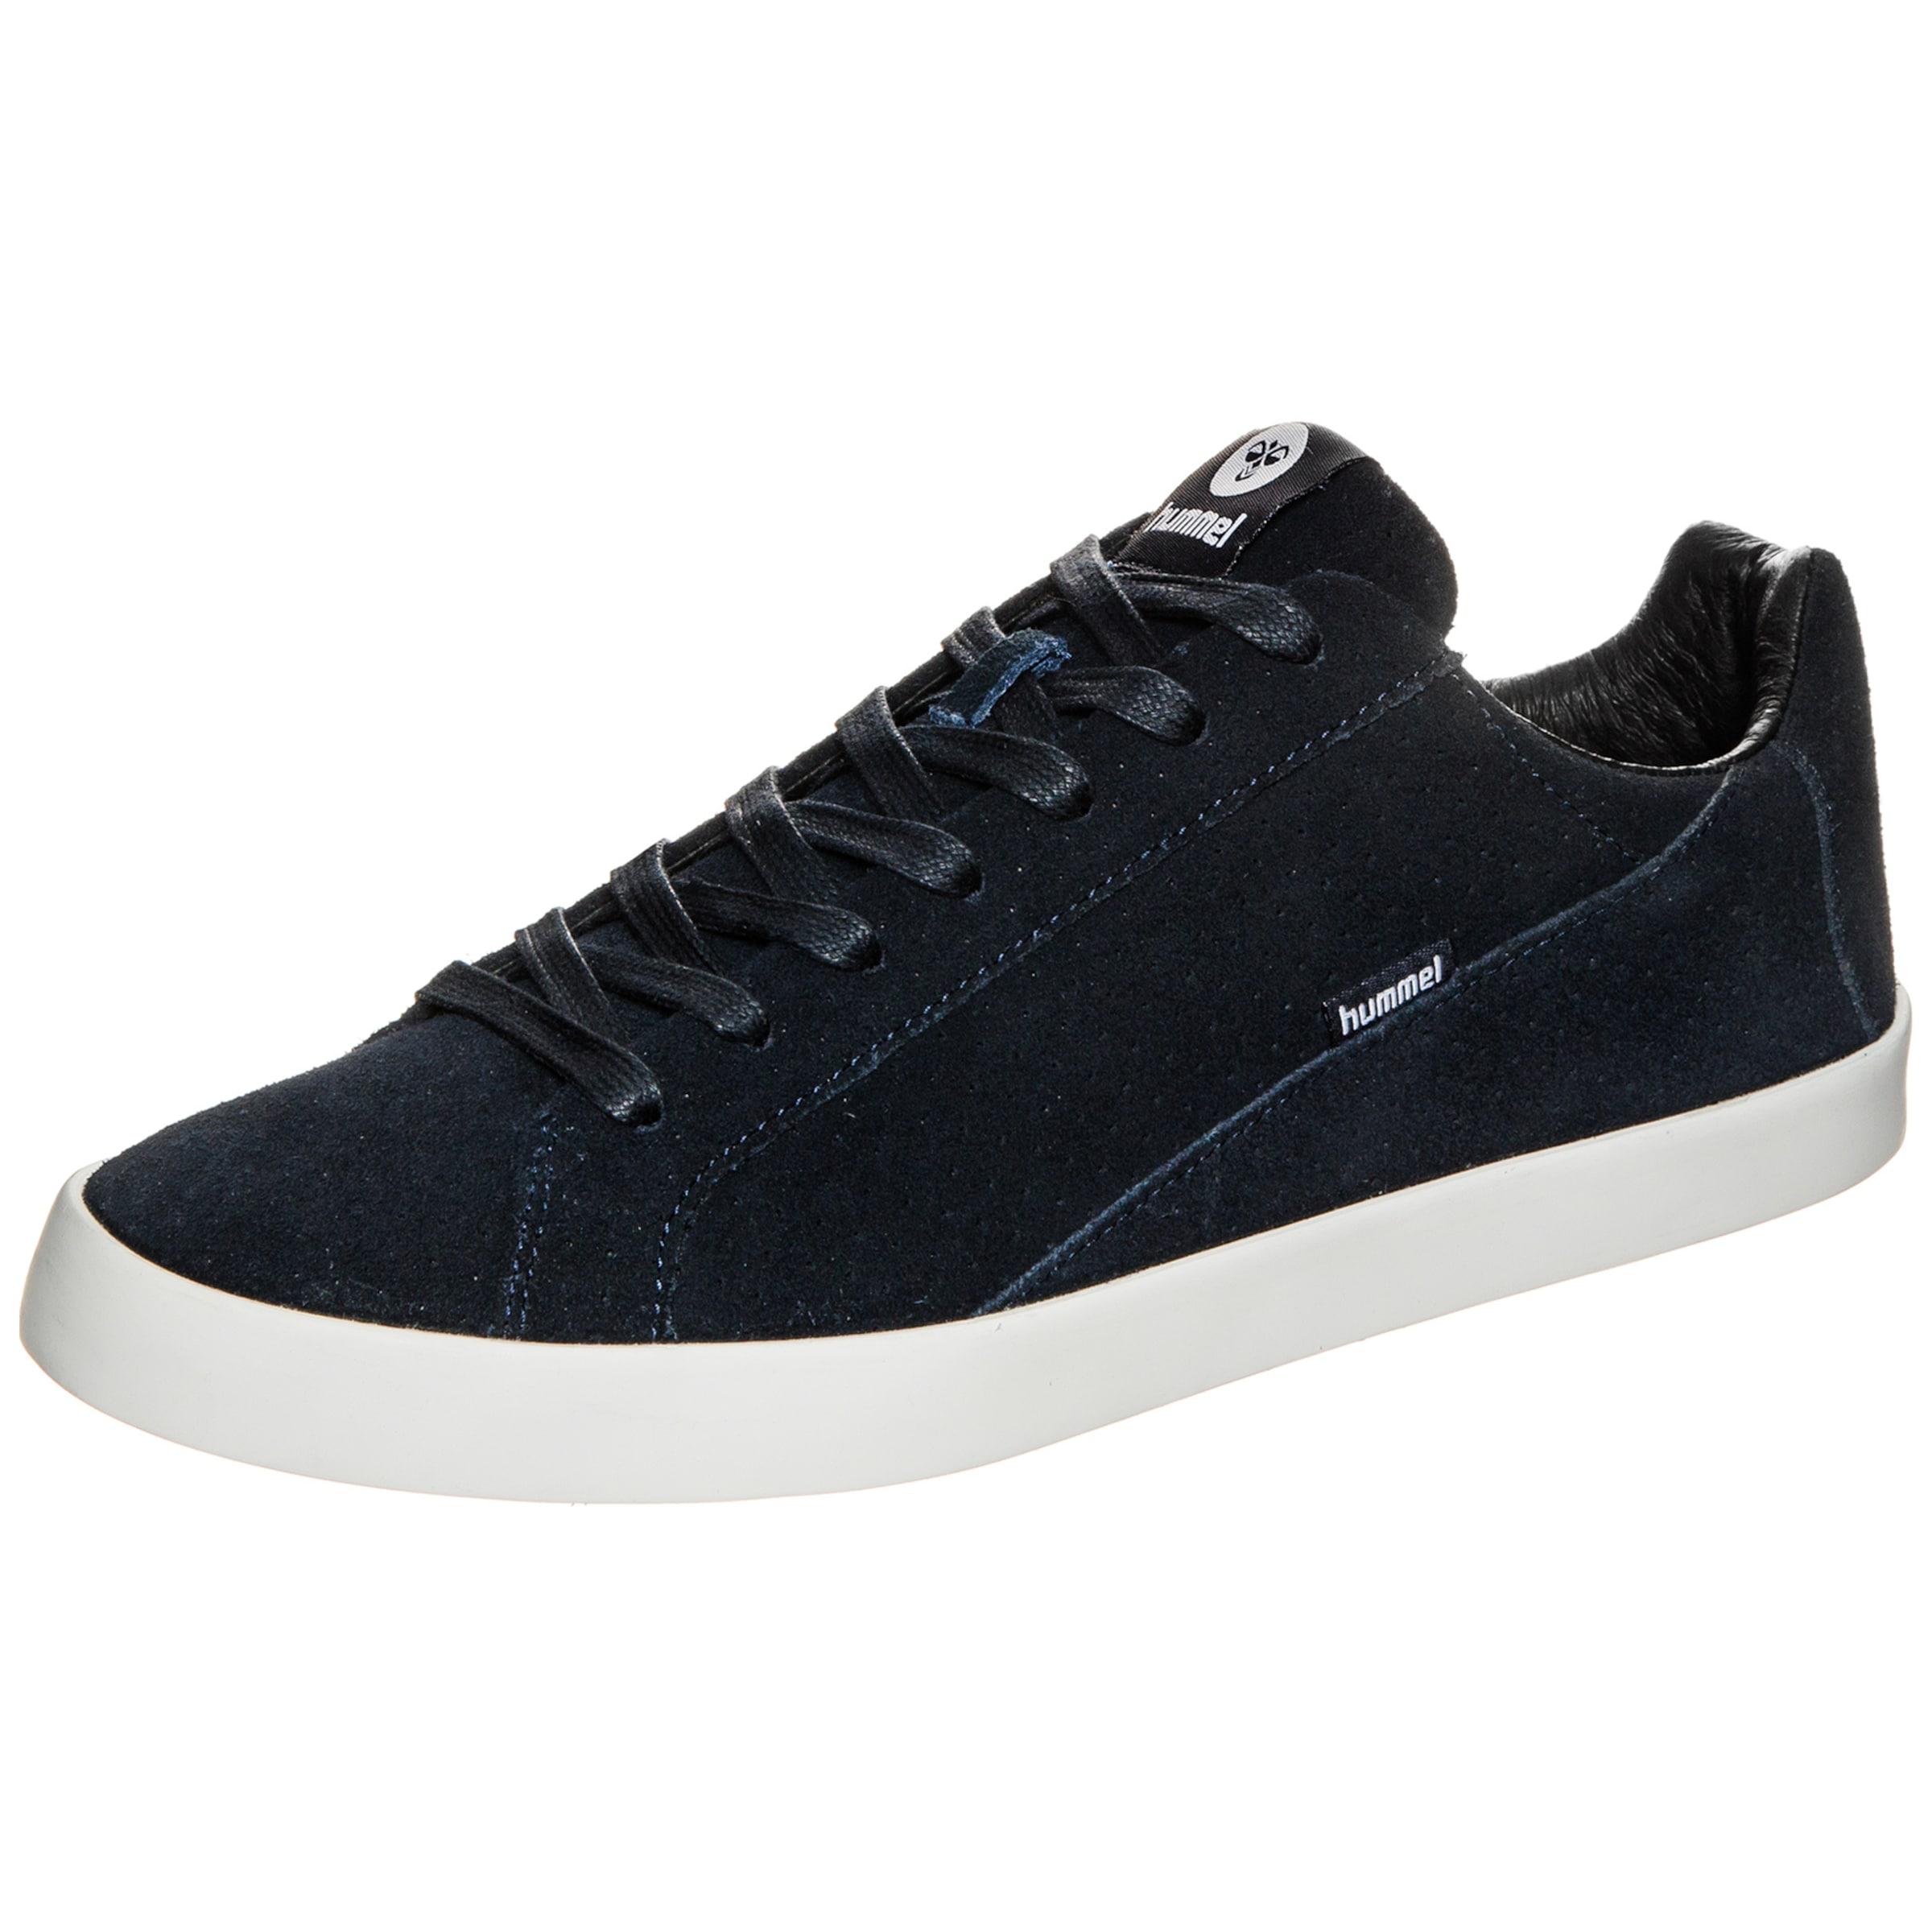 Hummel Sneaker Verschleißfeste billige Schuhe Hohe Qualität